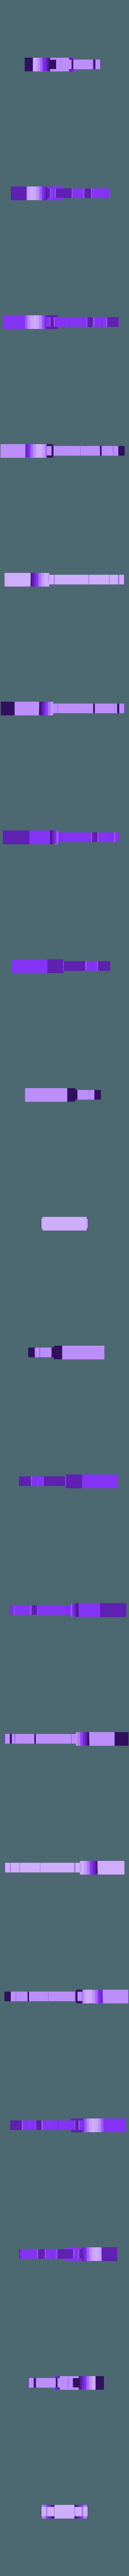 CRUZ MOD2-BASE.stl Télécharger fichier STL gratuit tombeau • Objet pour imprimante 3D, borjajusticialeon